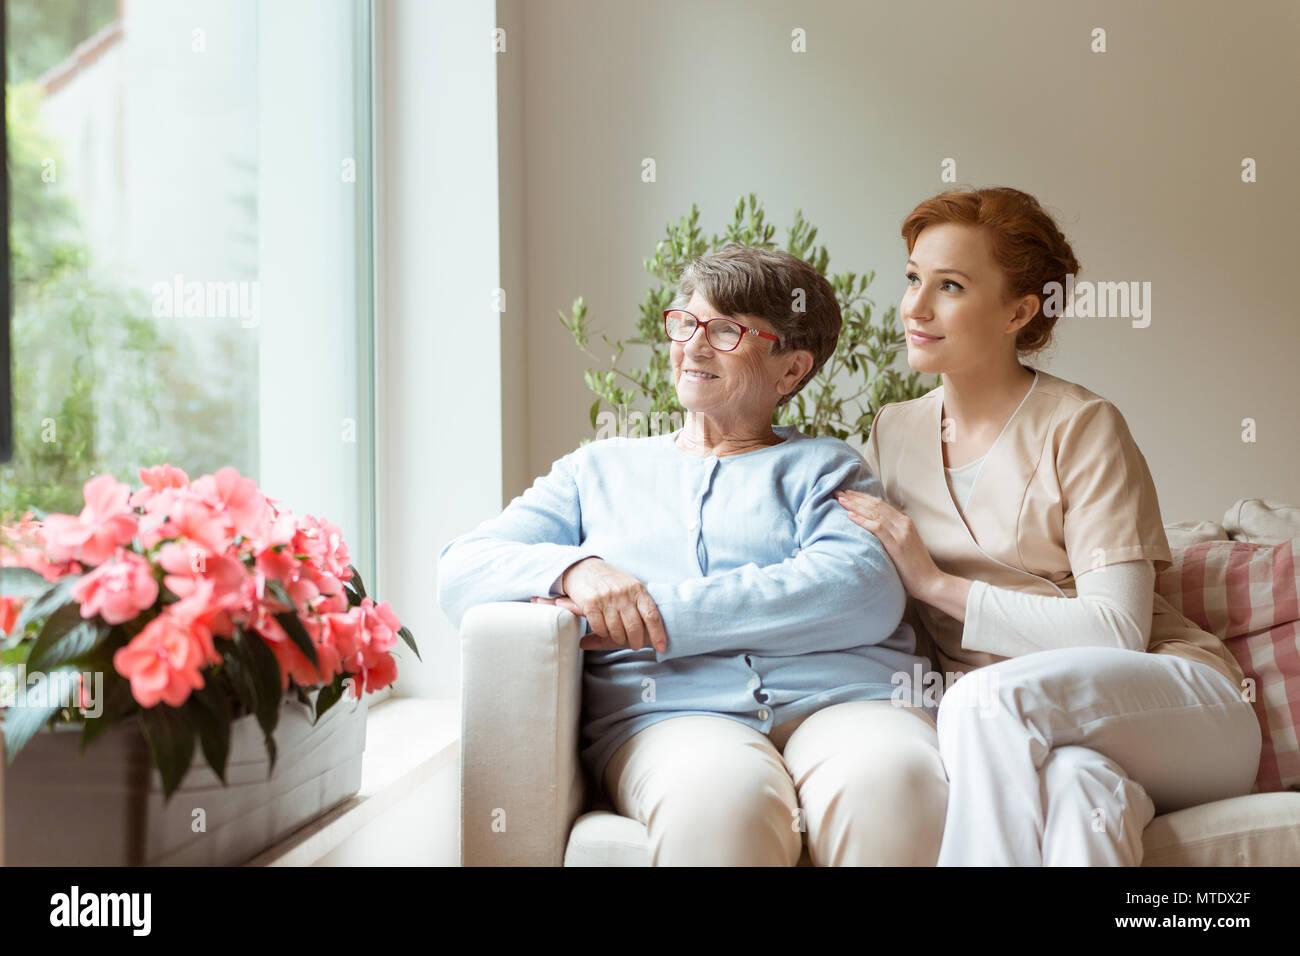 Geriatric femme et son gardien professionnel assis sur un canapé et regarder à travers une fenêtre dans une salle de séjour. Fleurs sur un rebord de fenêtre. Photo Stock